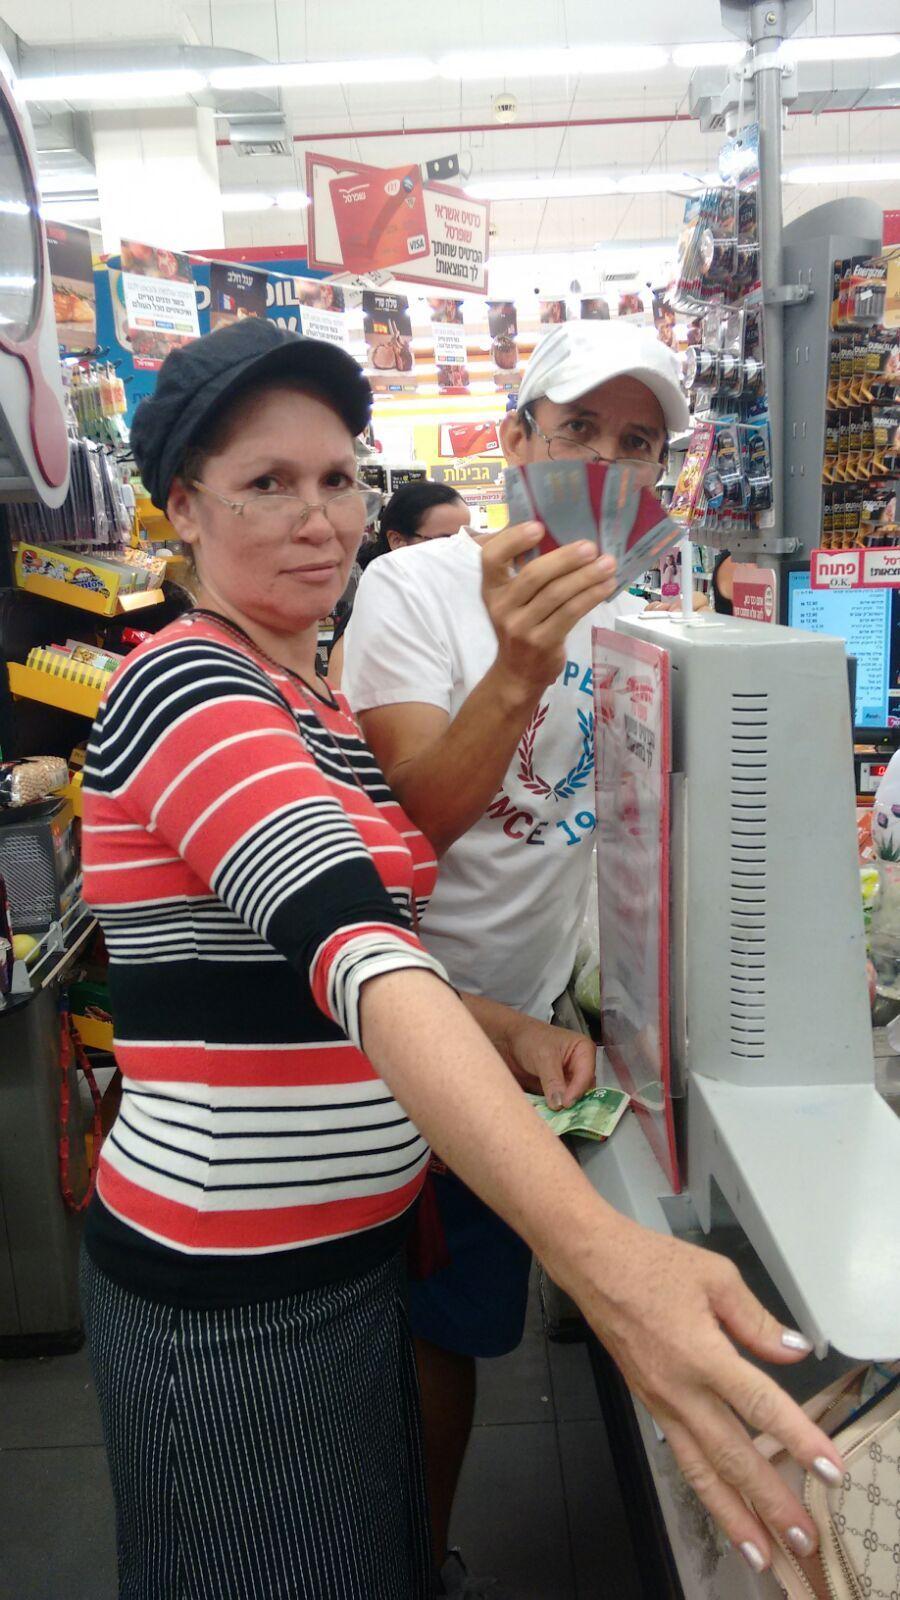 Żydowscy emigranci z Kolumbii w Izraelu cieszą się swoimi bonami na zakupy